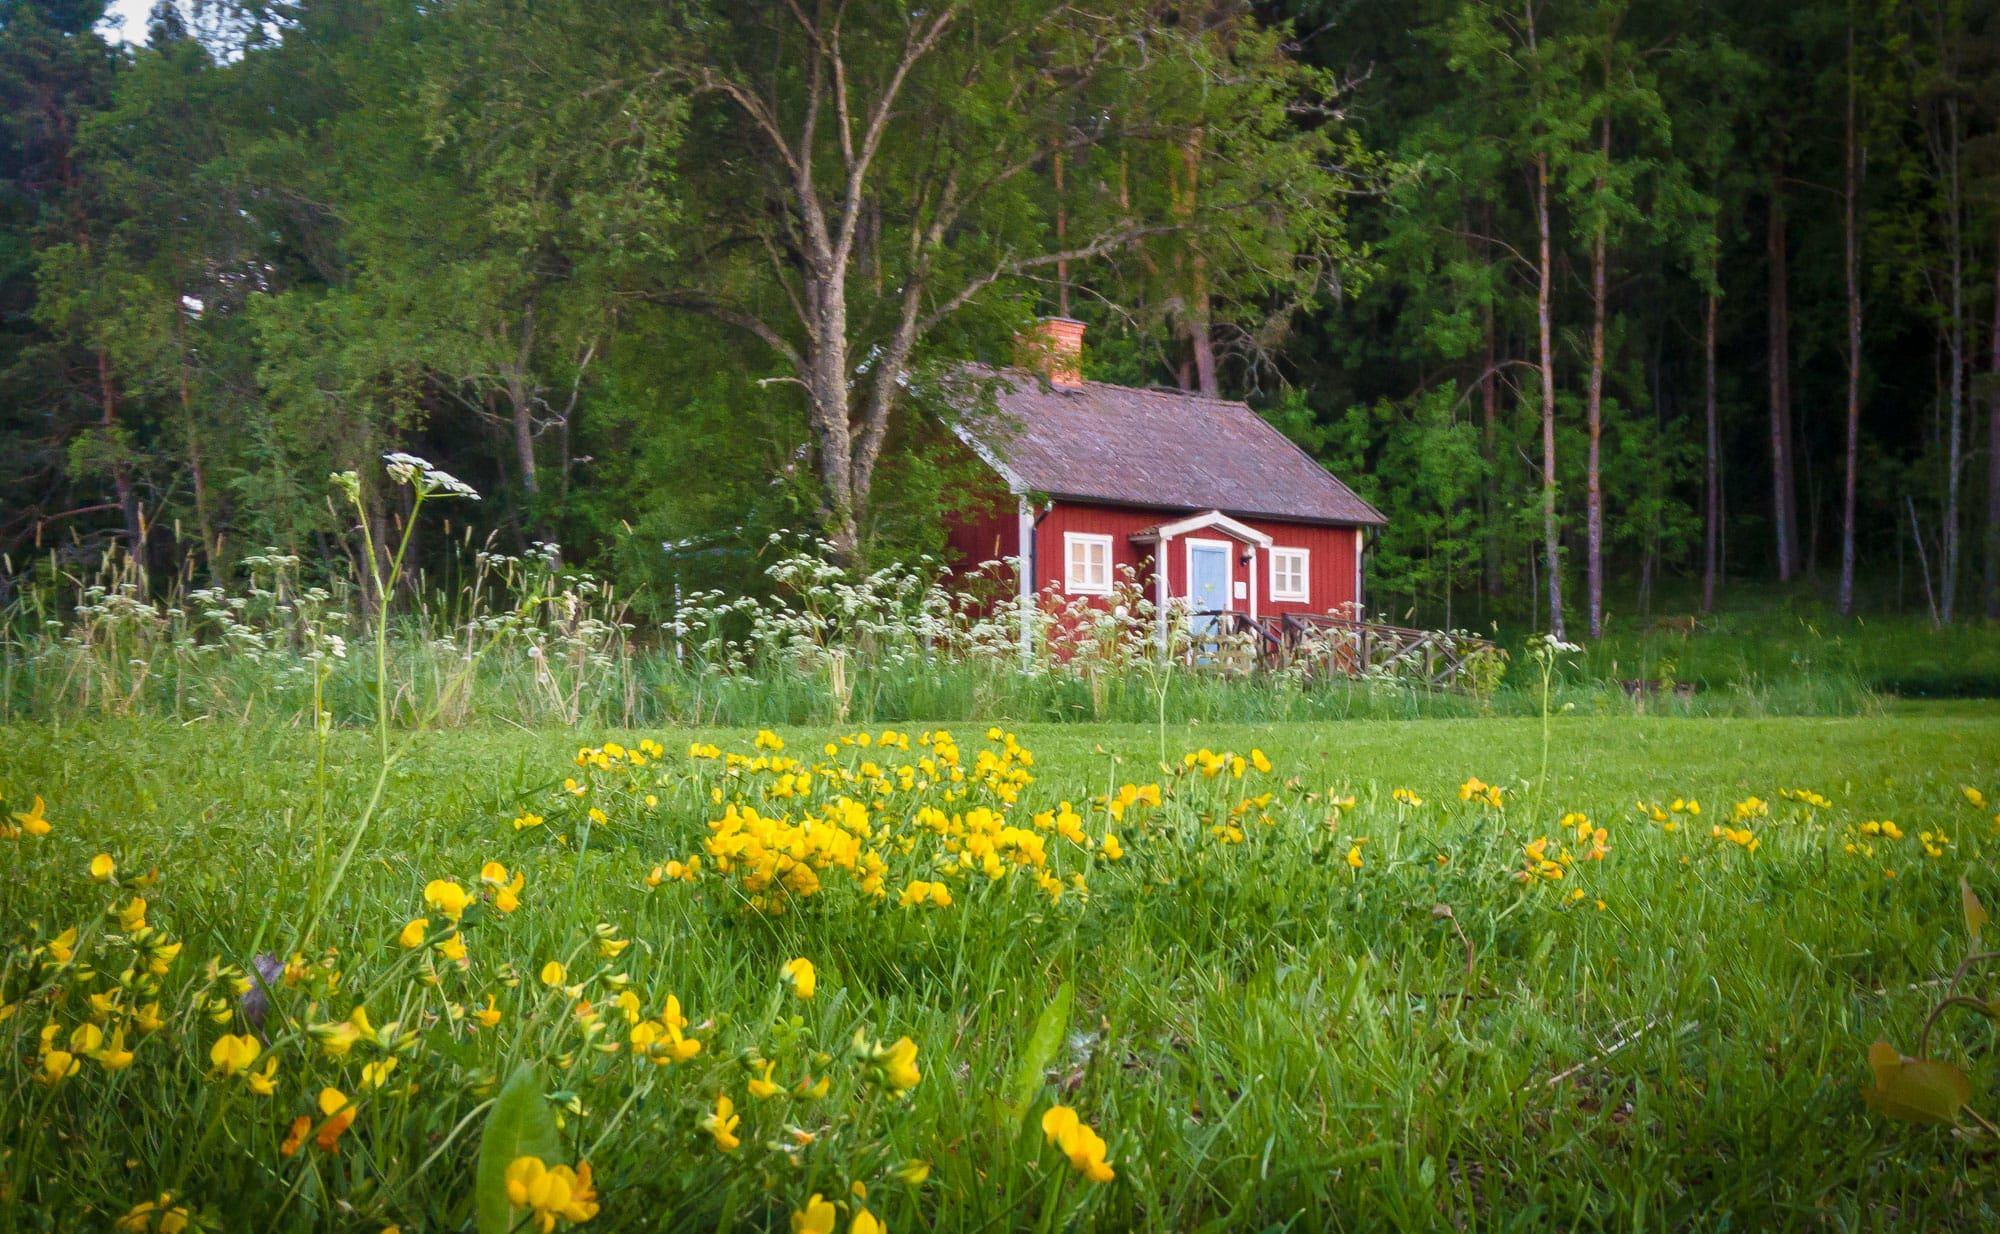 Pekoe ekologiskt te lager i Österunda bastu en sommardag